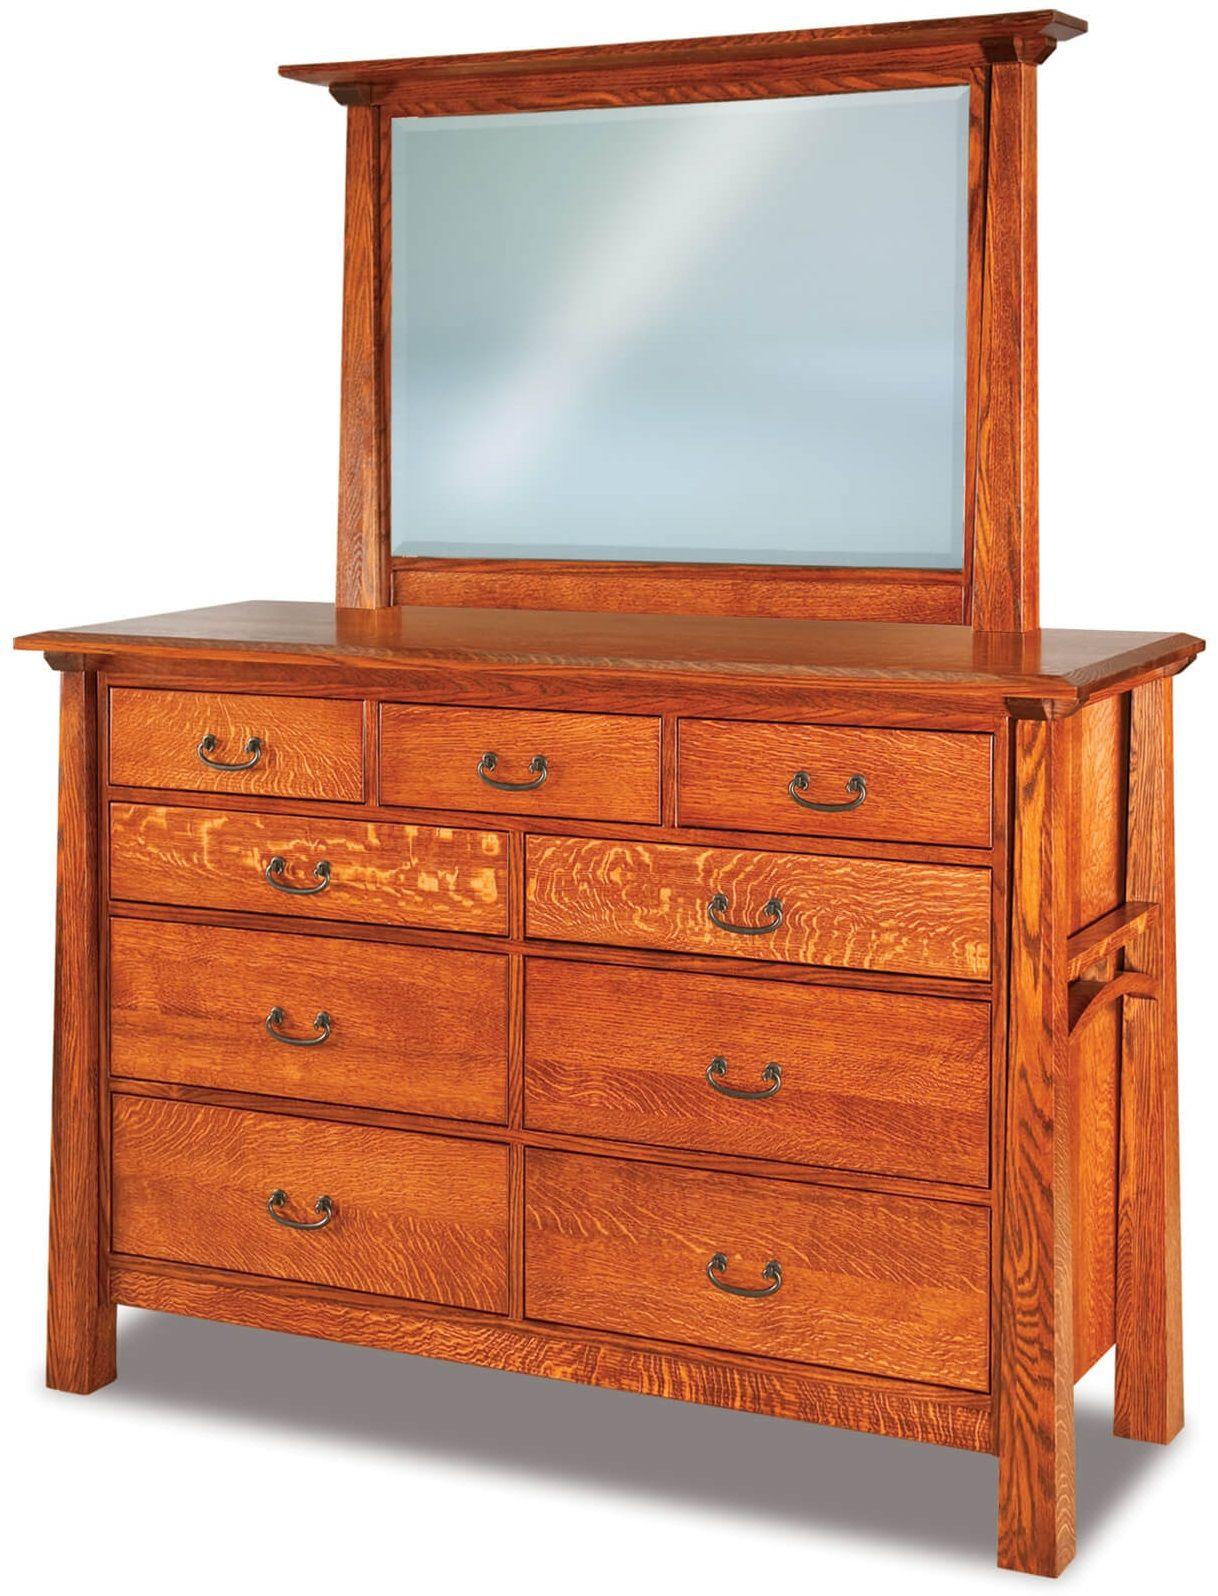 Bellevue Tall Dresser with Mirror